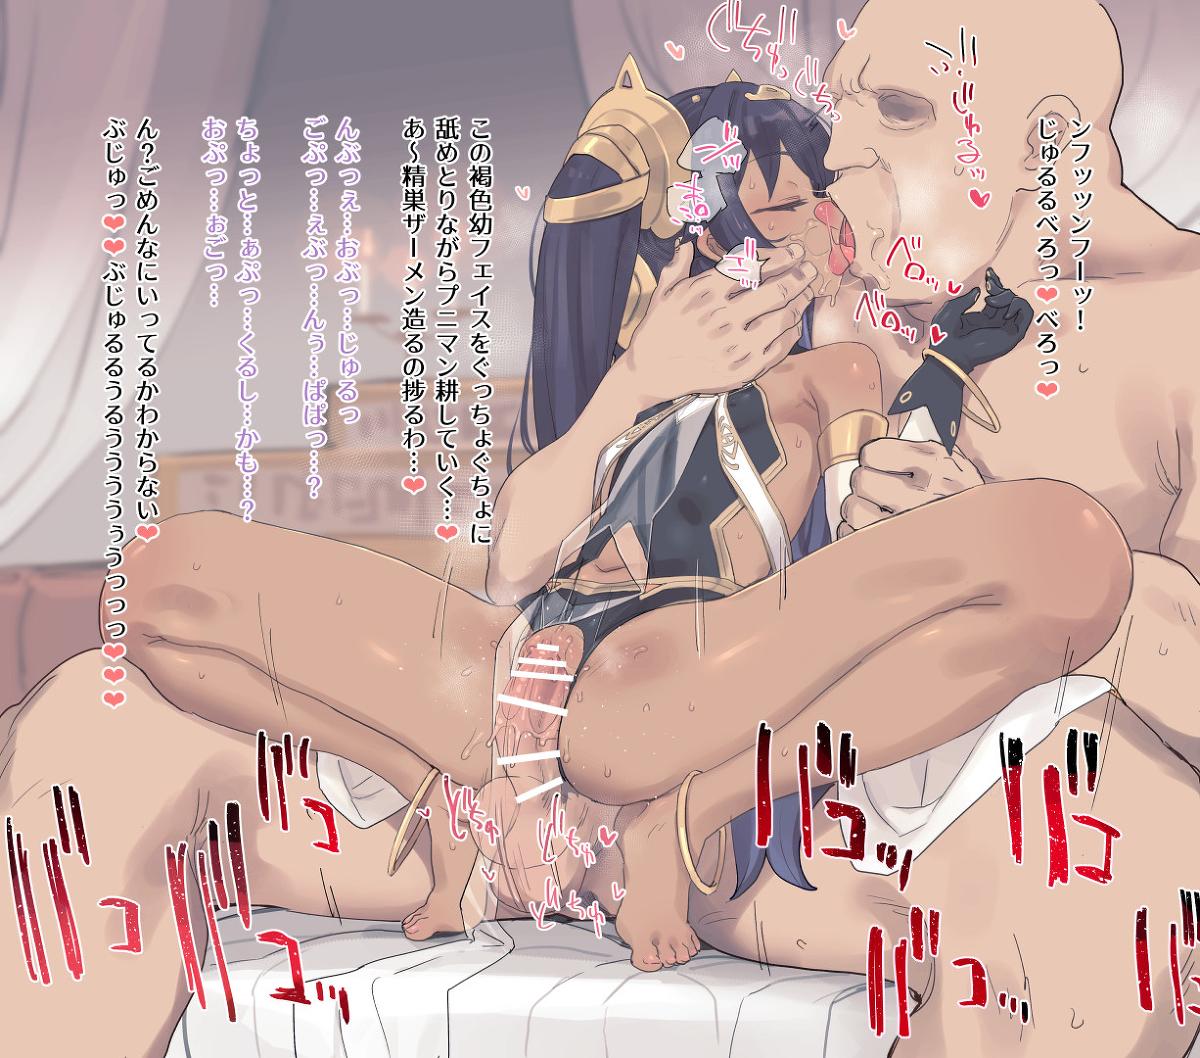 【二次元】ネフティムの座位中出し孕ませセックス二次エロ画像【ワールドフリッパー】4.jpg